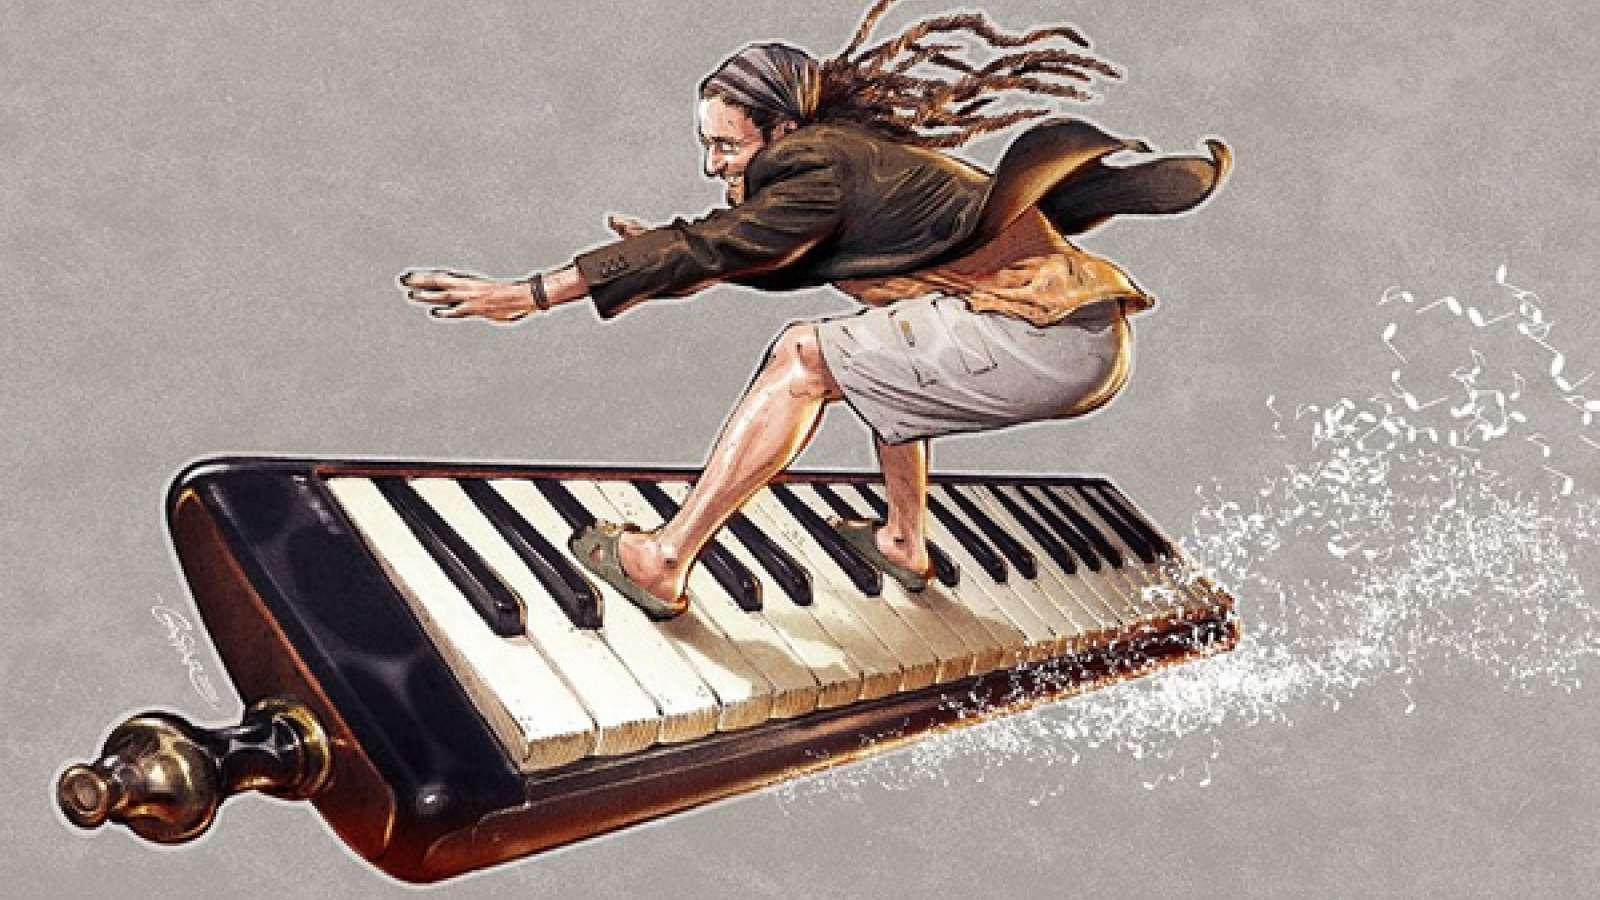 Смешные картинки про музыку и музыкантов, открыток